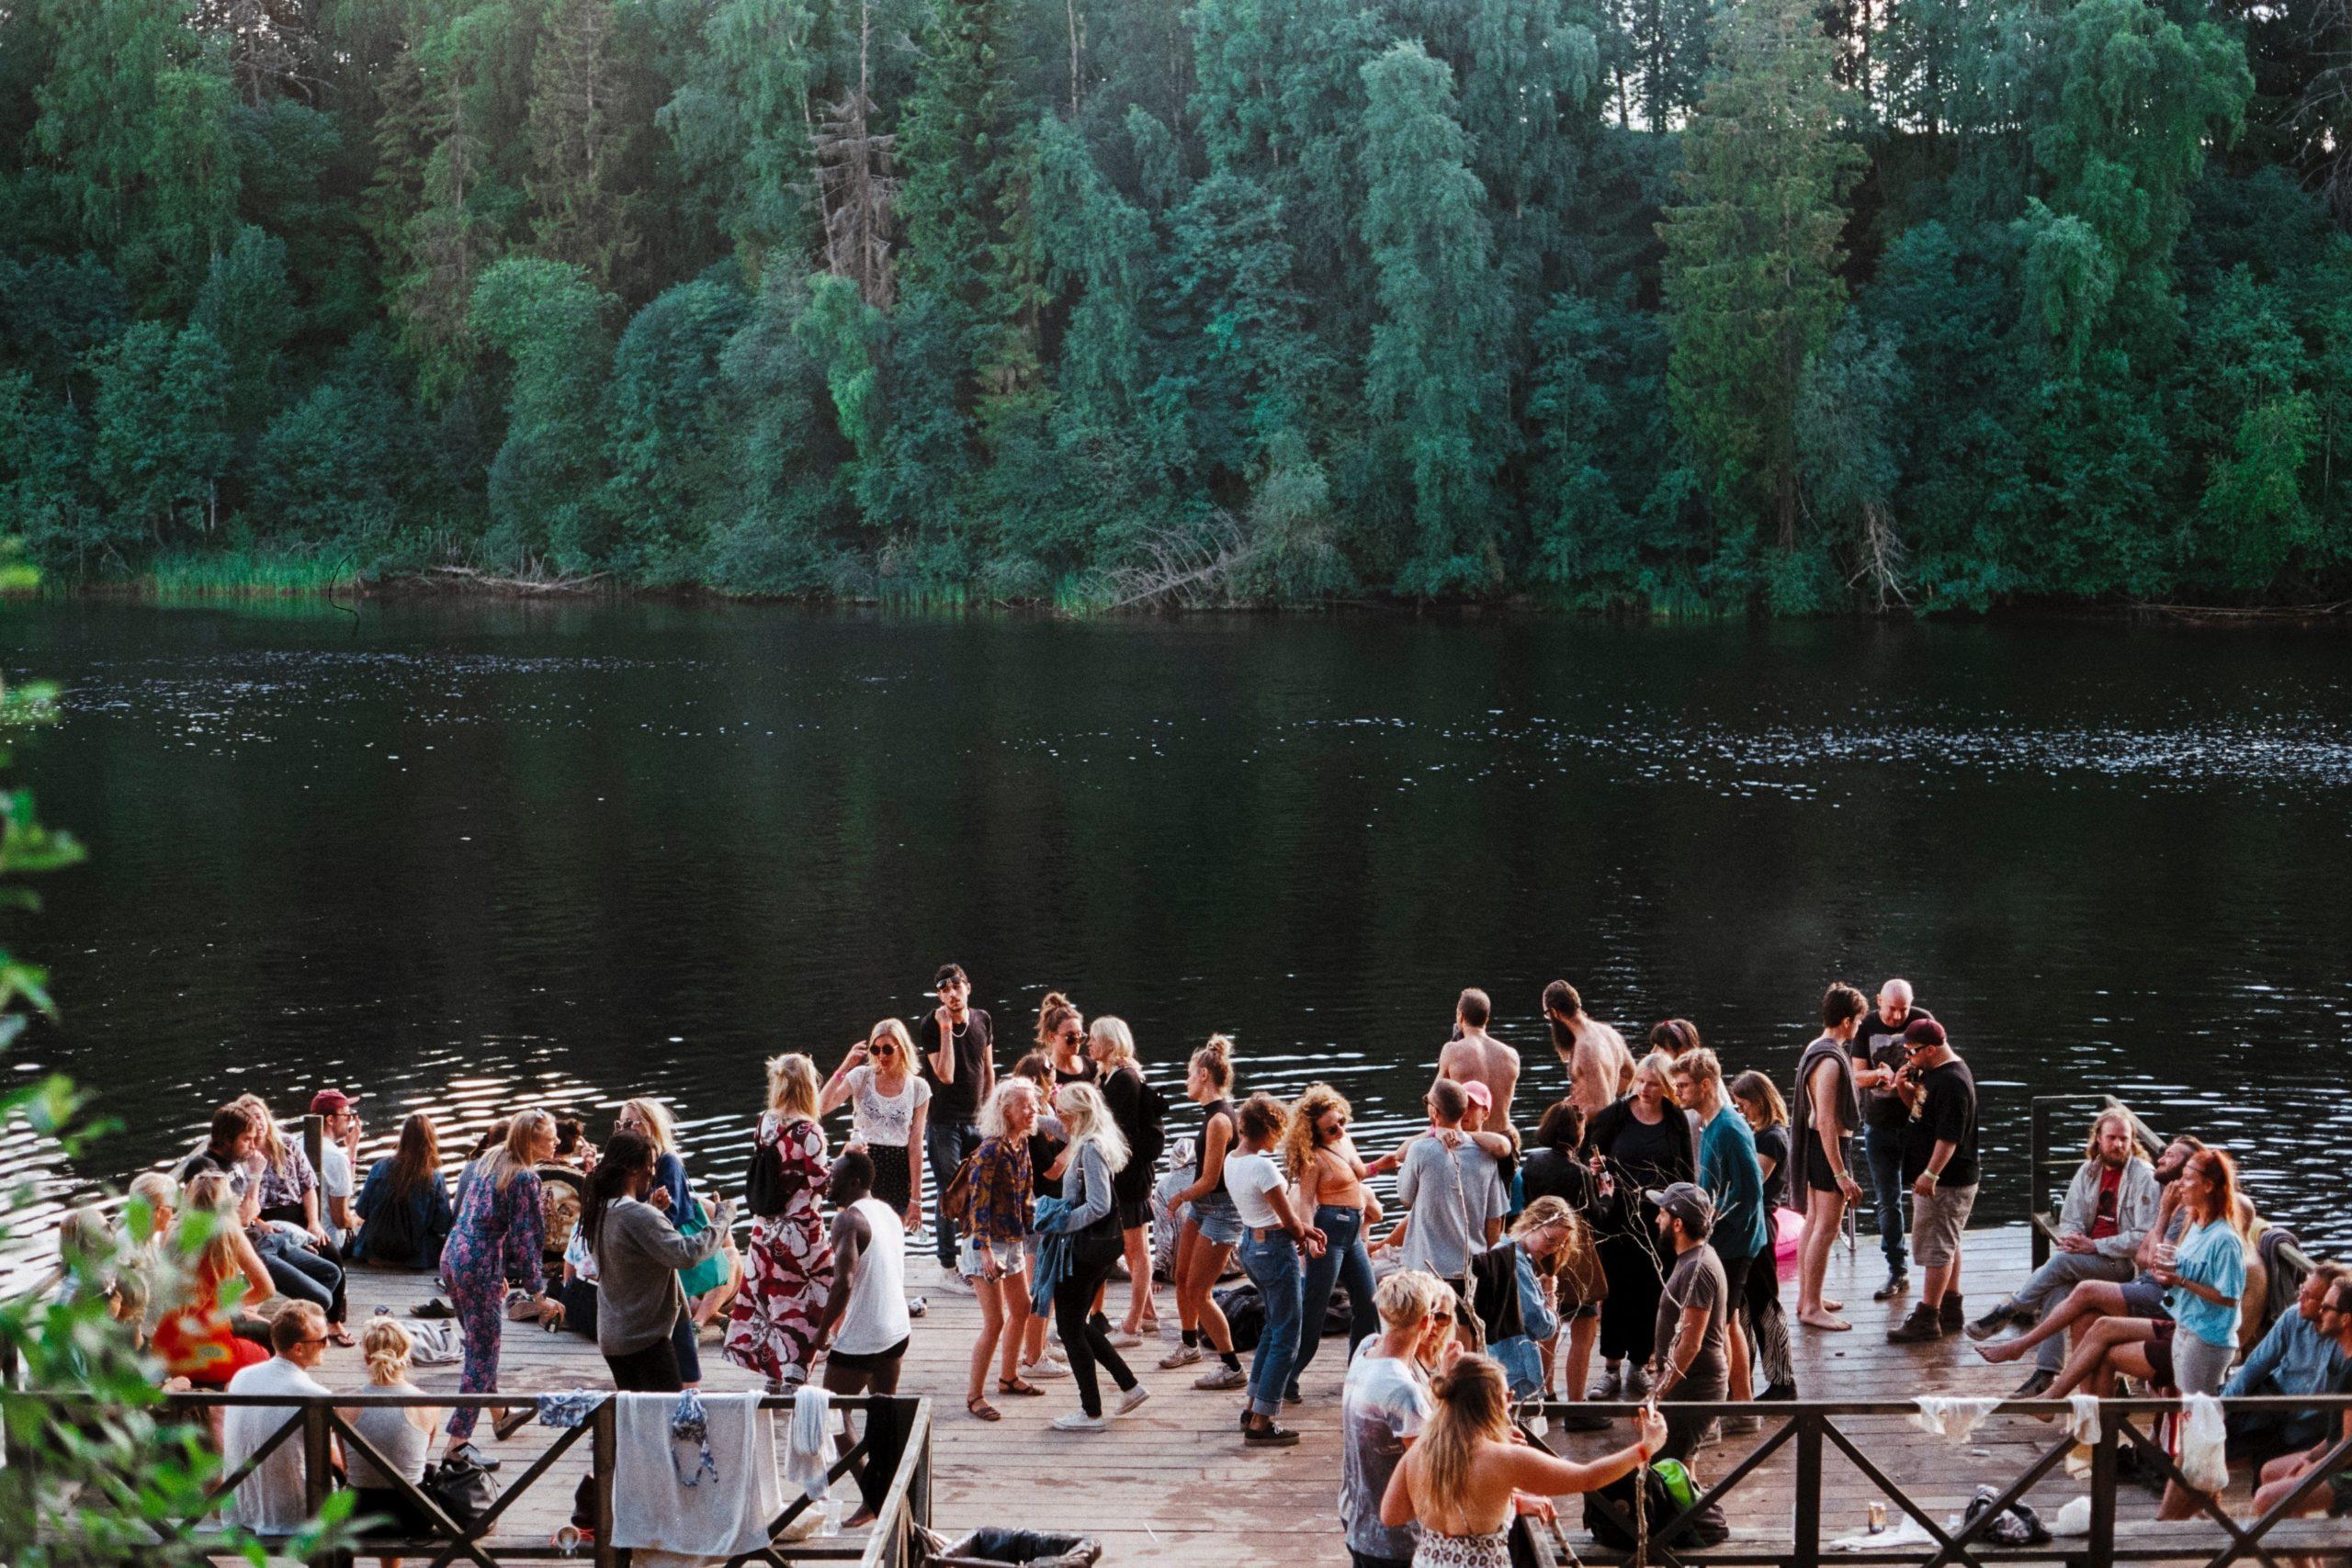 Les éco-festivals : foyers du développement durable